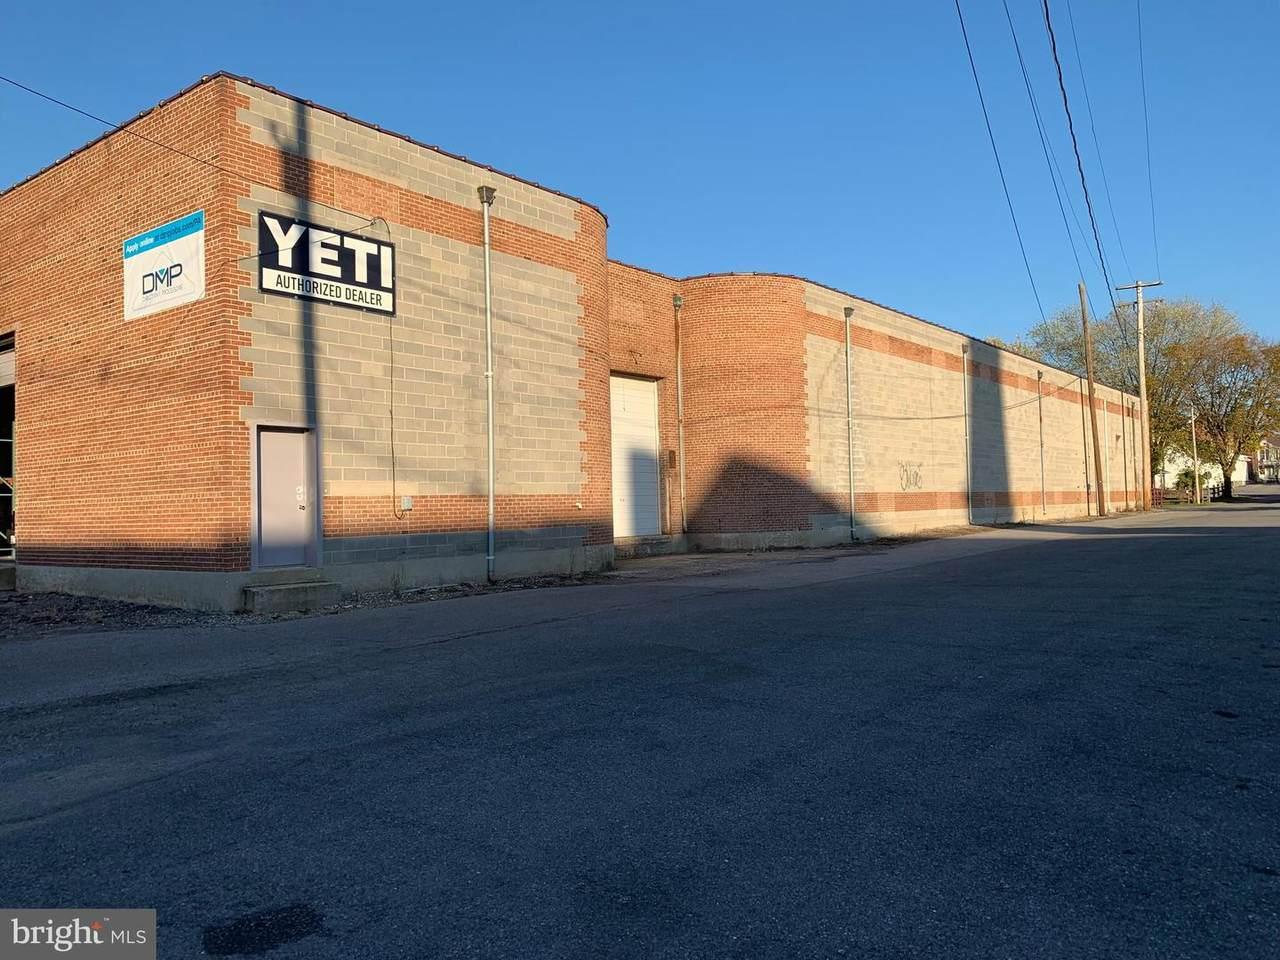 151 N Washington St Unit 2 - Photo 1